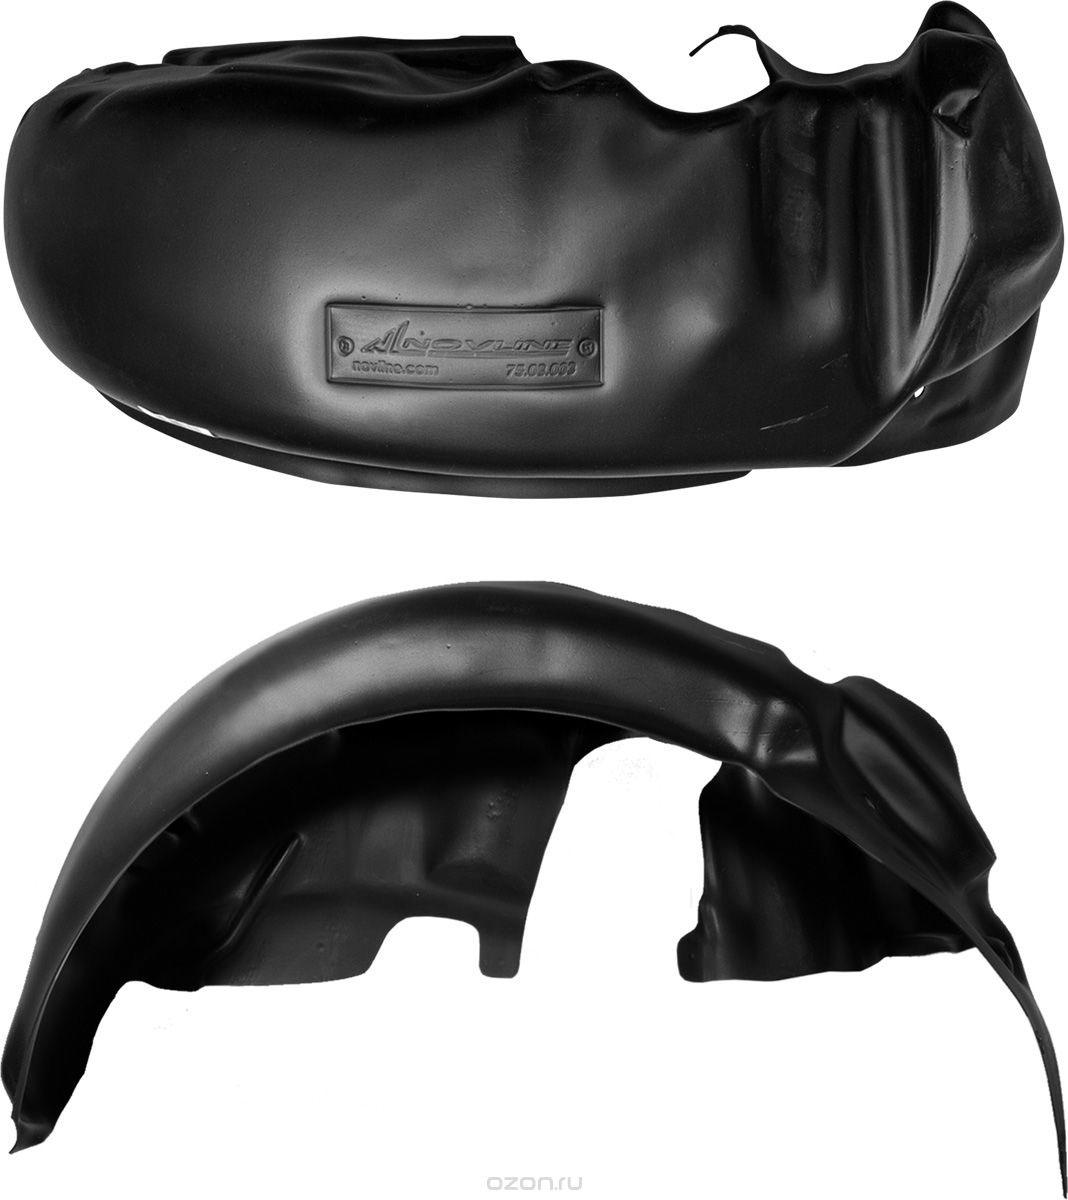 Подкрылок Novline-Autofamily, для Mazda 6, 2012-2015, 2015->, задний левыйNLL.33.17.003Идеальная защита колесной ниши. Локеры разработаны с применением цифровых технологий, гарантируют максимальную повторяемость поверхности арки. Изделия устанавливаются без нарушения лакокрасочного покрытия автомобиля, каждый подкрылок комплектуется крепежом. Уважаемые клиенты, обращаем ваше внимание, что фотографии на подкрылки универсальные и не отражают реальную форму изделия. При этом само изделие идет точно под размер указанного автомобиля.